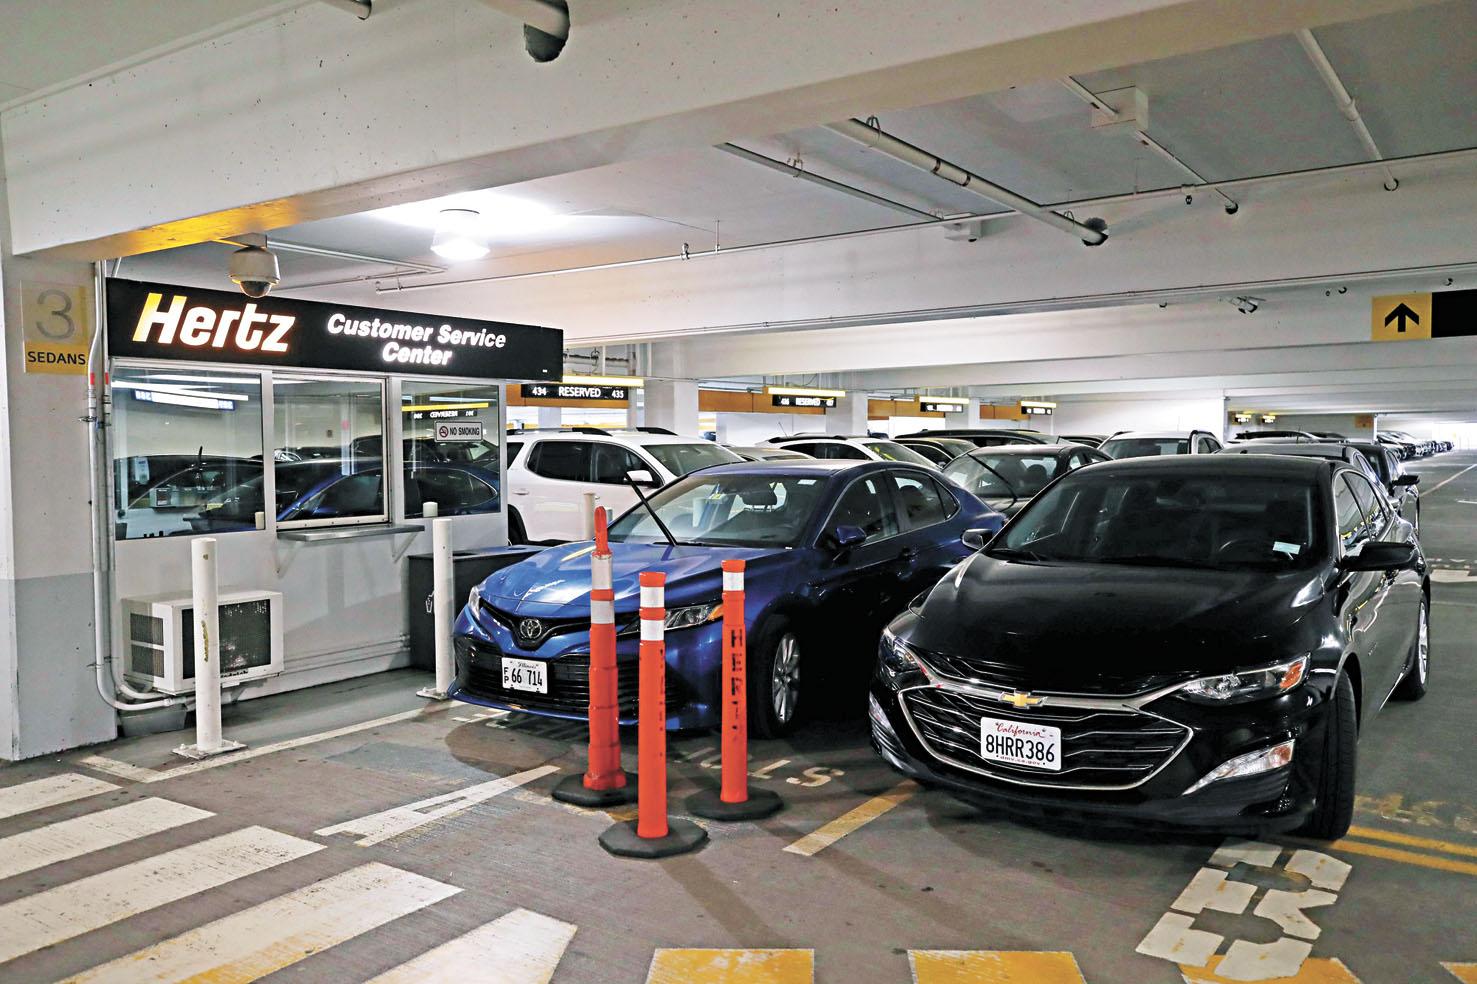 受新冠疫情影響,汽車租賃巨頭赫茲(Hertz)的租車業務也面臨嚴重危機,該公司恐面臨破產命運。法新社資料圖片